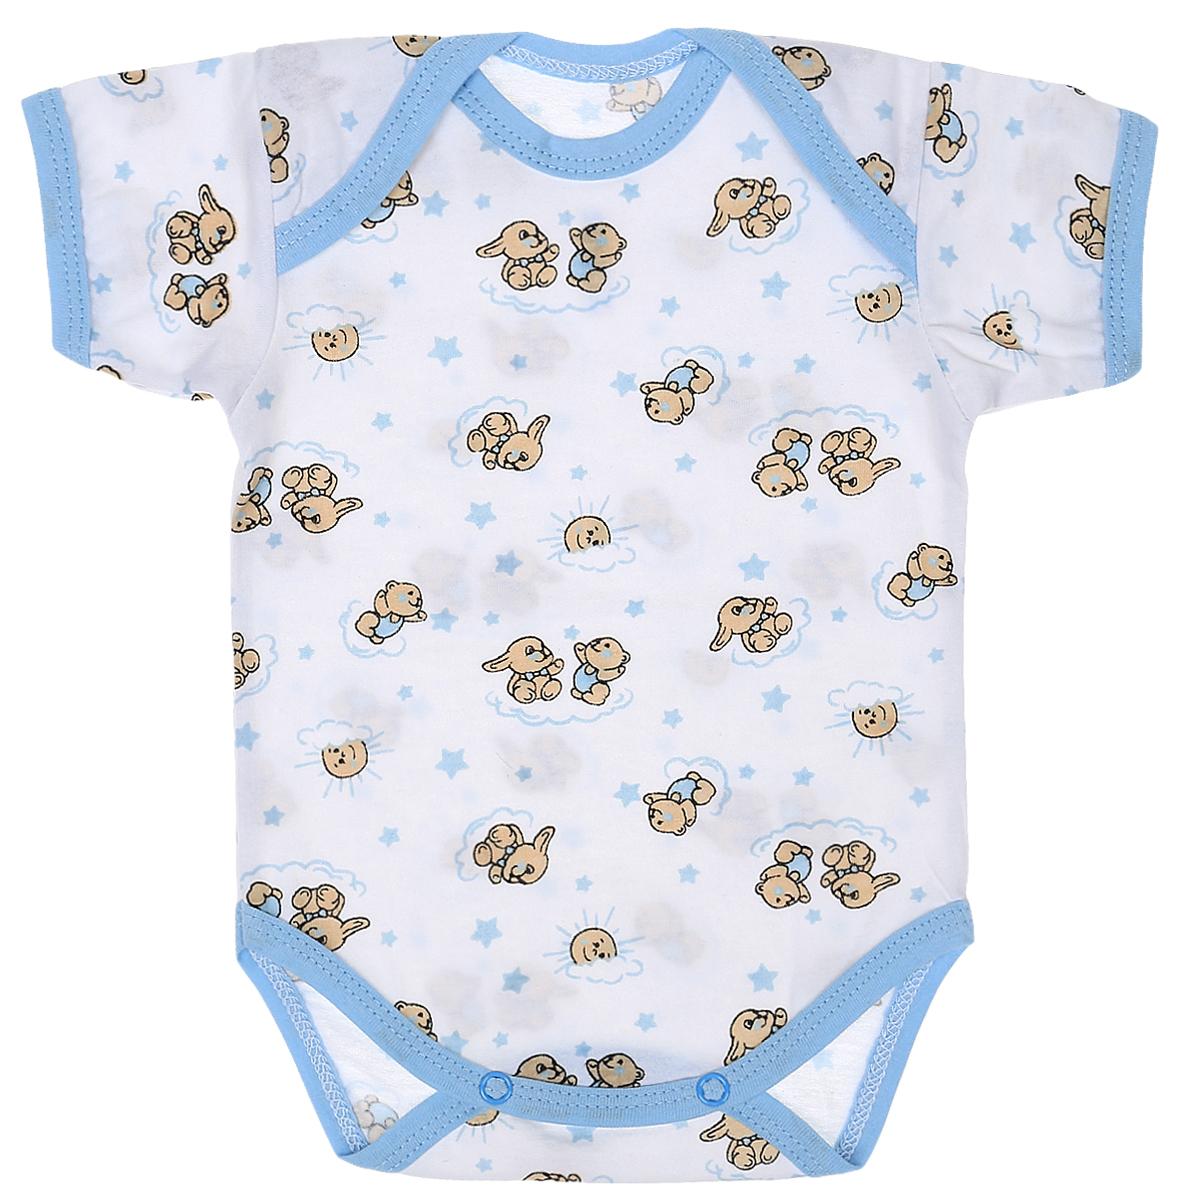 Боди детское Чудесные одежки, цвет: белый, голубой. 5863. Размер 685863Детское боди Чудесные одежки выполнено из натурального хлопка.Боди с короткими рукавами и круглым вырезом горловины застегивается на кнопки на ластовице, что позволяет легко и быстро одеть малыша или поменять подгузник. Горловина, манжеты рукавов и проймы для ножек отделаны трикотажной лентой. Модель оформлена принтом с изображением зайчиков и медвежат.